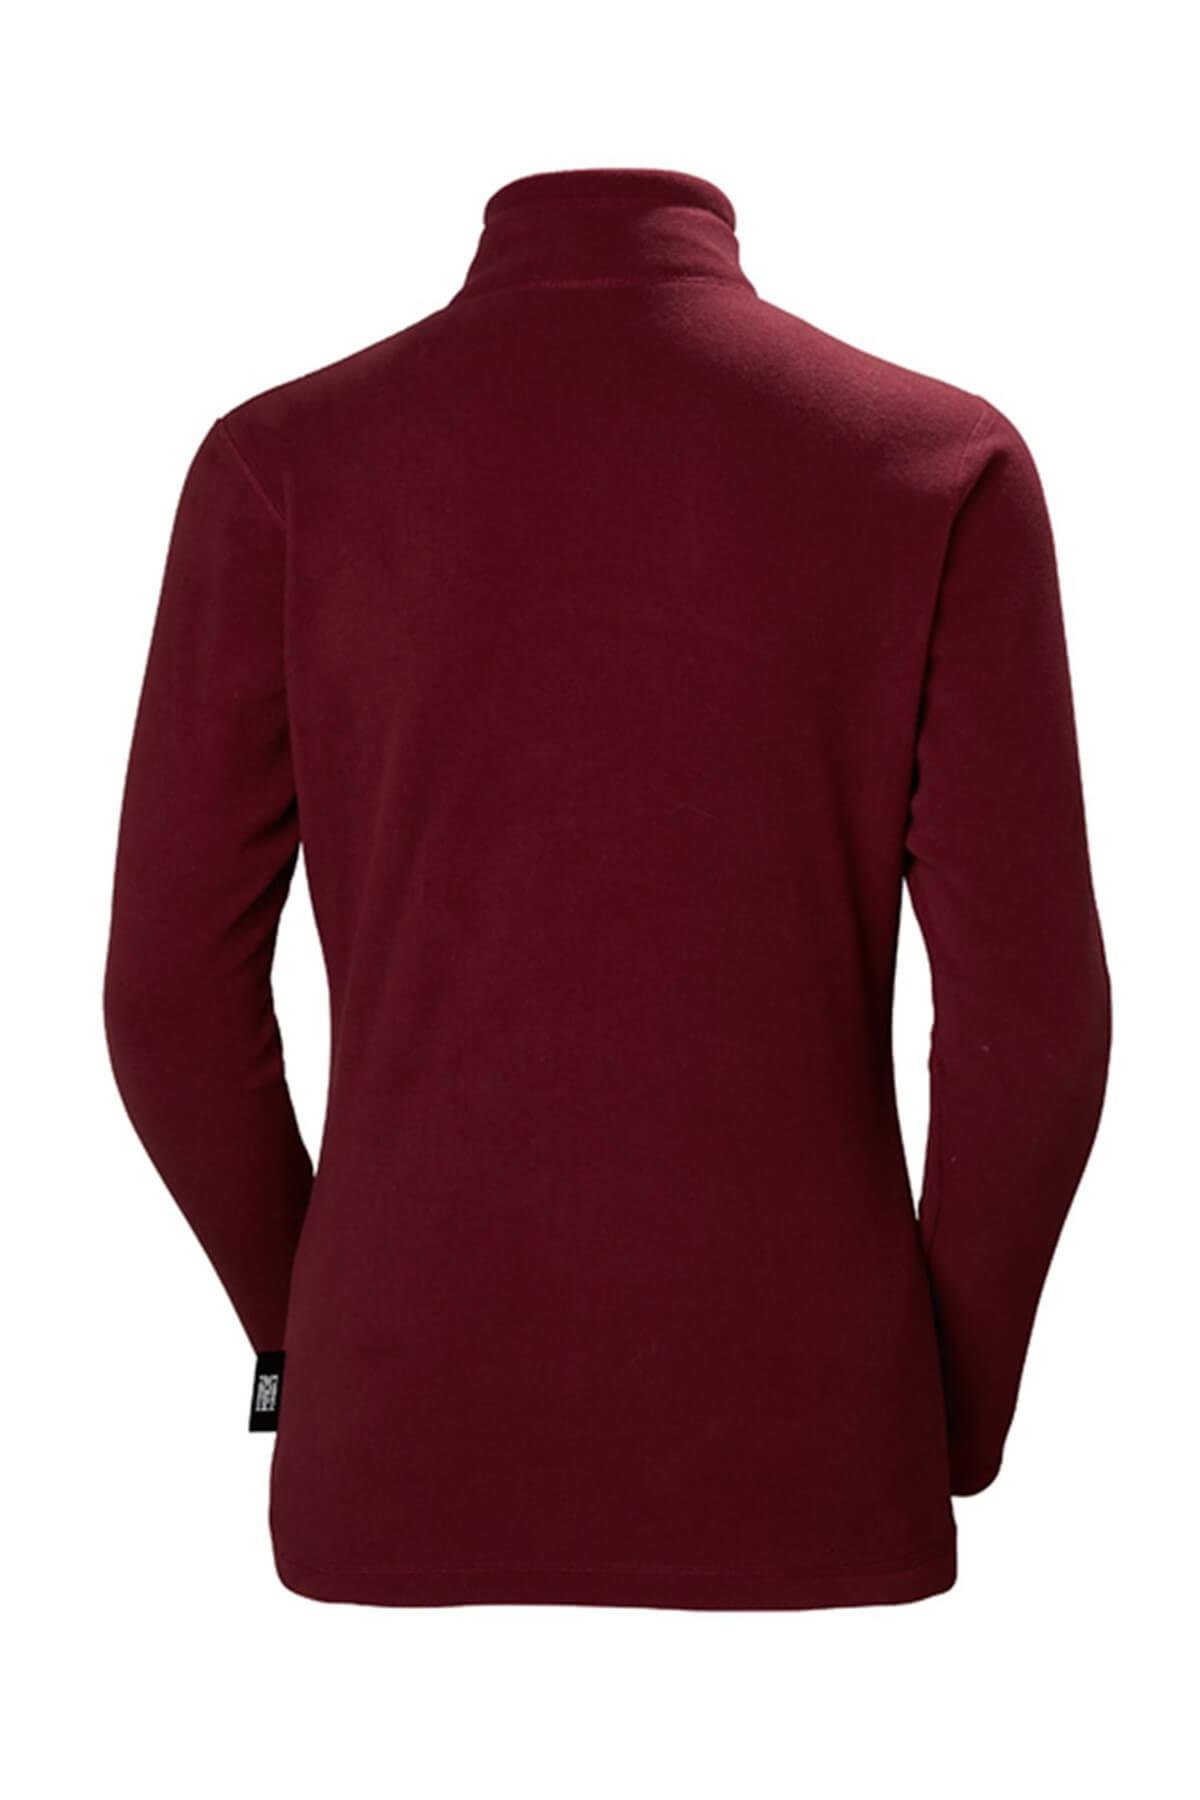 Helly Hansen Kadın Daybreaker Fleece Ceket 2